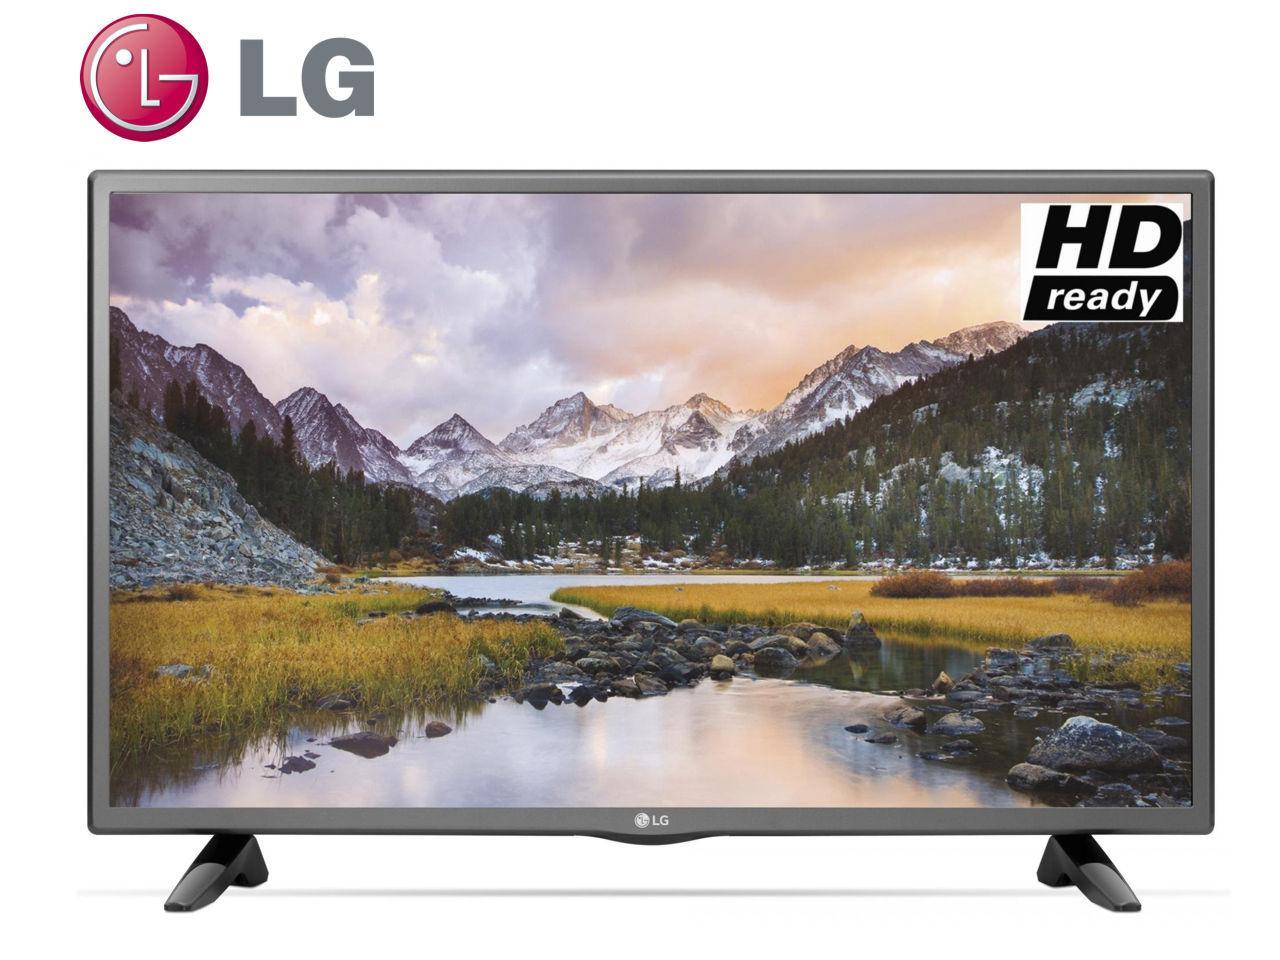 LG 32LF510B + 200 Kč na dárky nebo další nákup | CHAT on-line podpora PO-PÁ 8-22.00!!